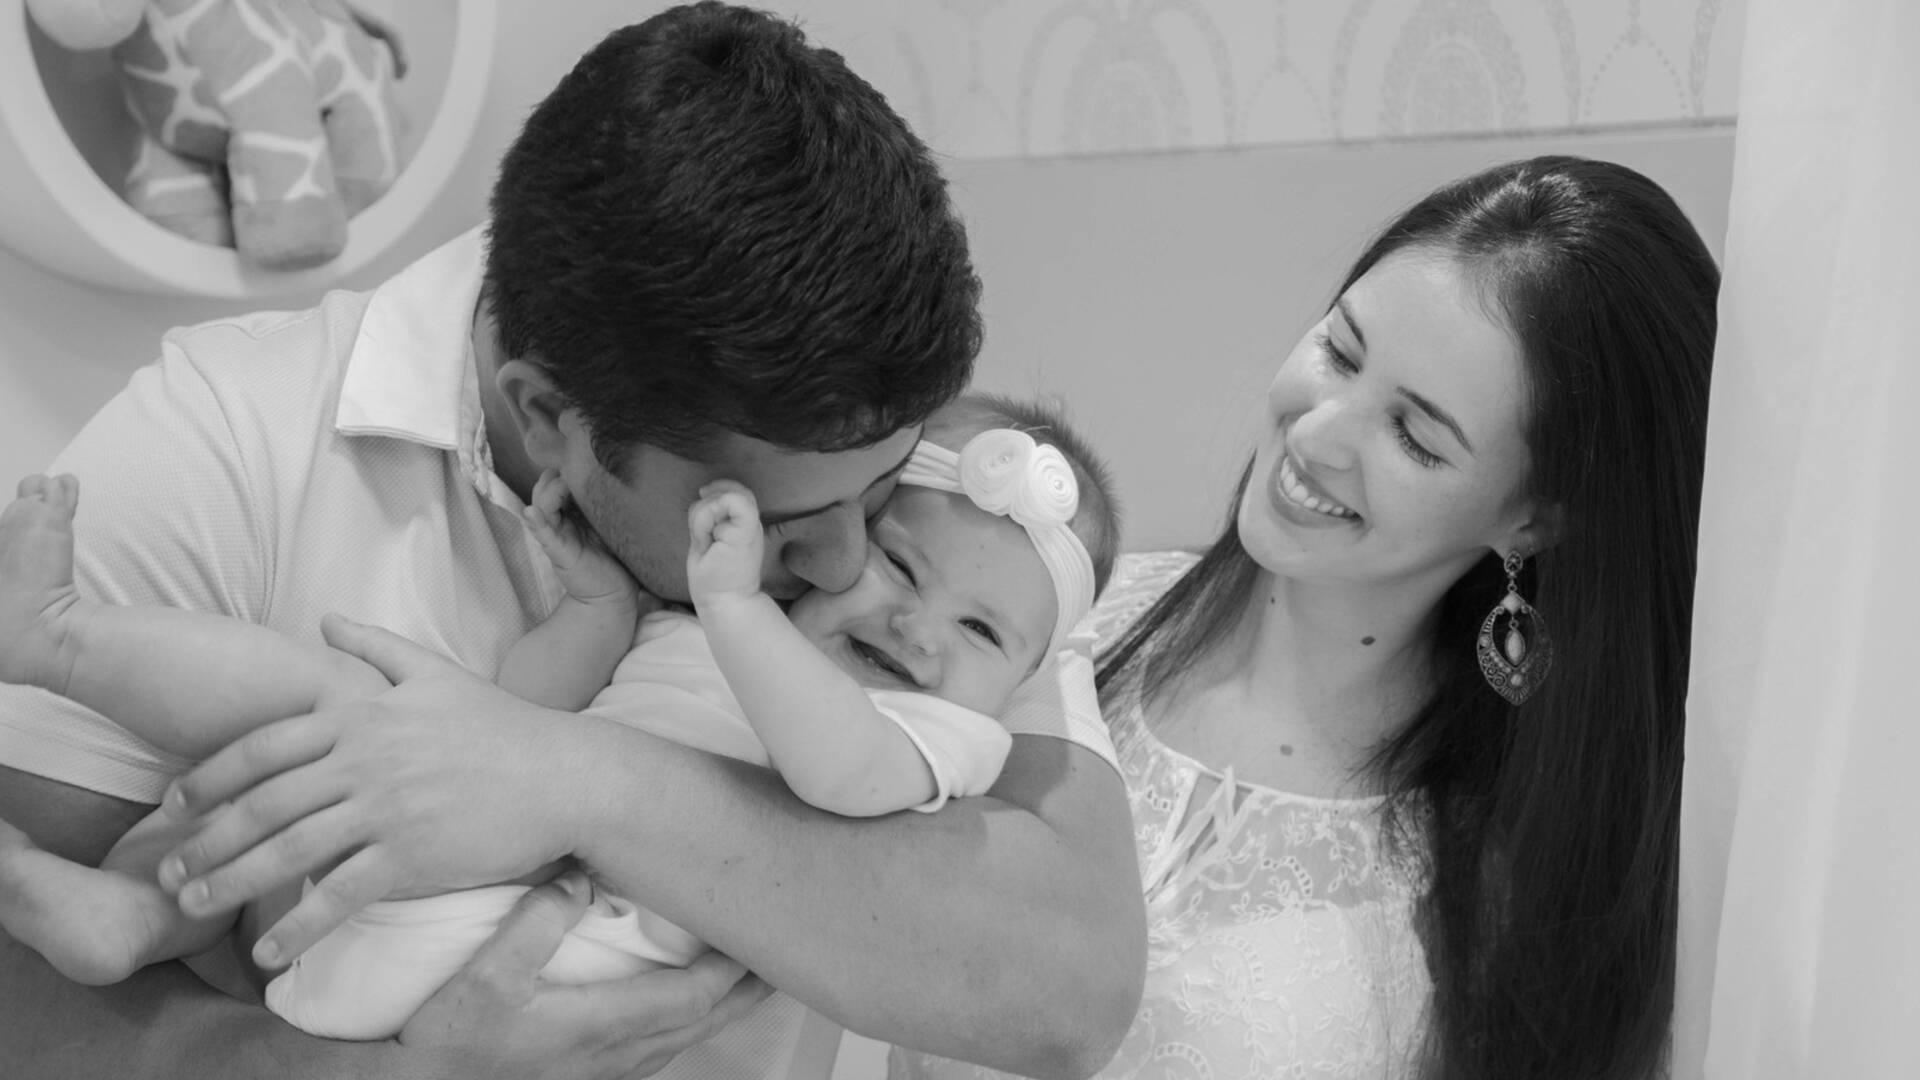 Fotografia Documental de Família de Família da Maria Fernanda